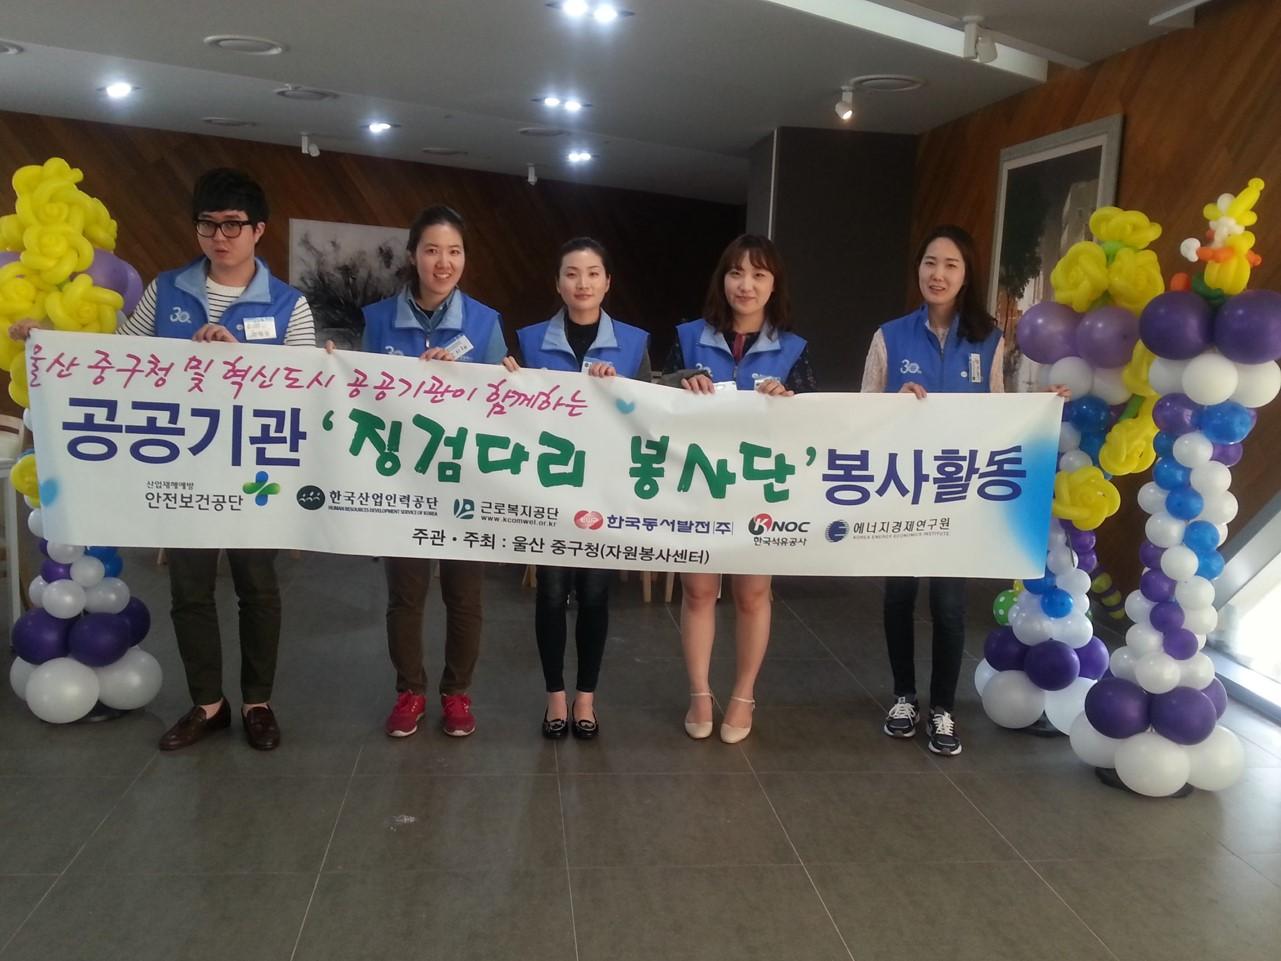 공공기관 징검다리 봉사 활동 참여